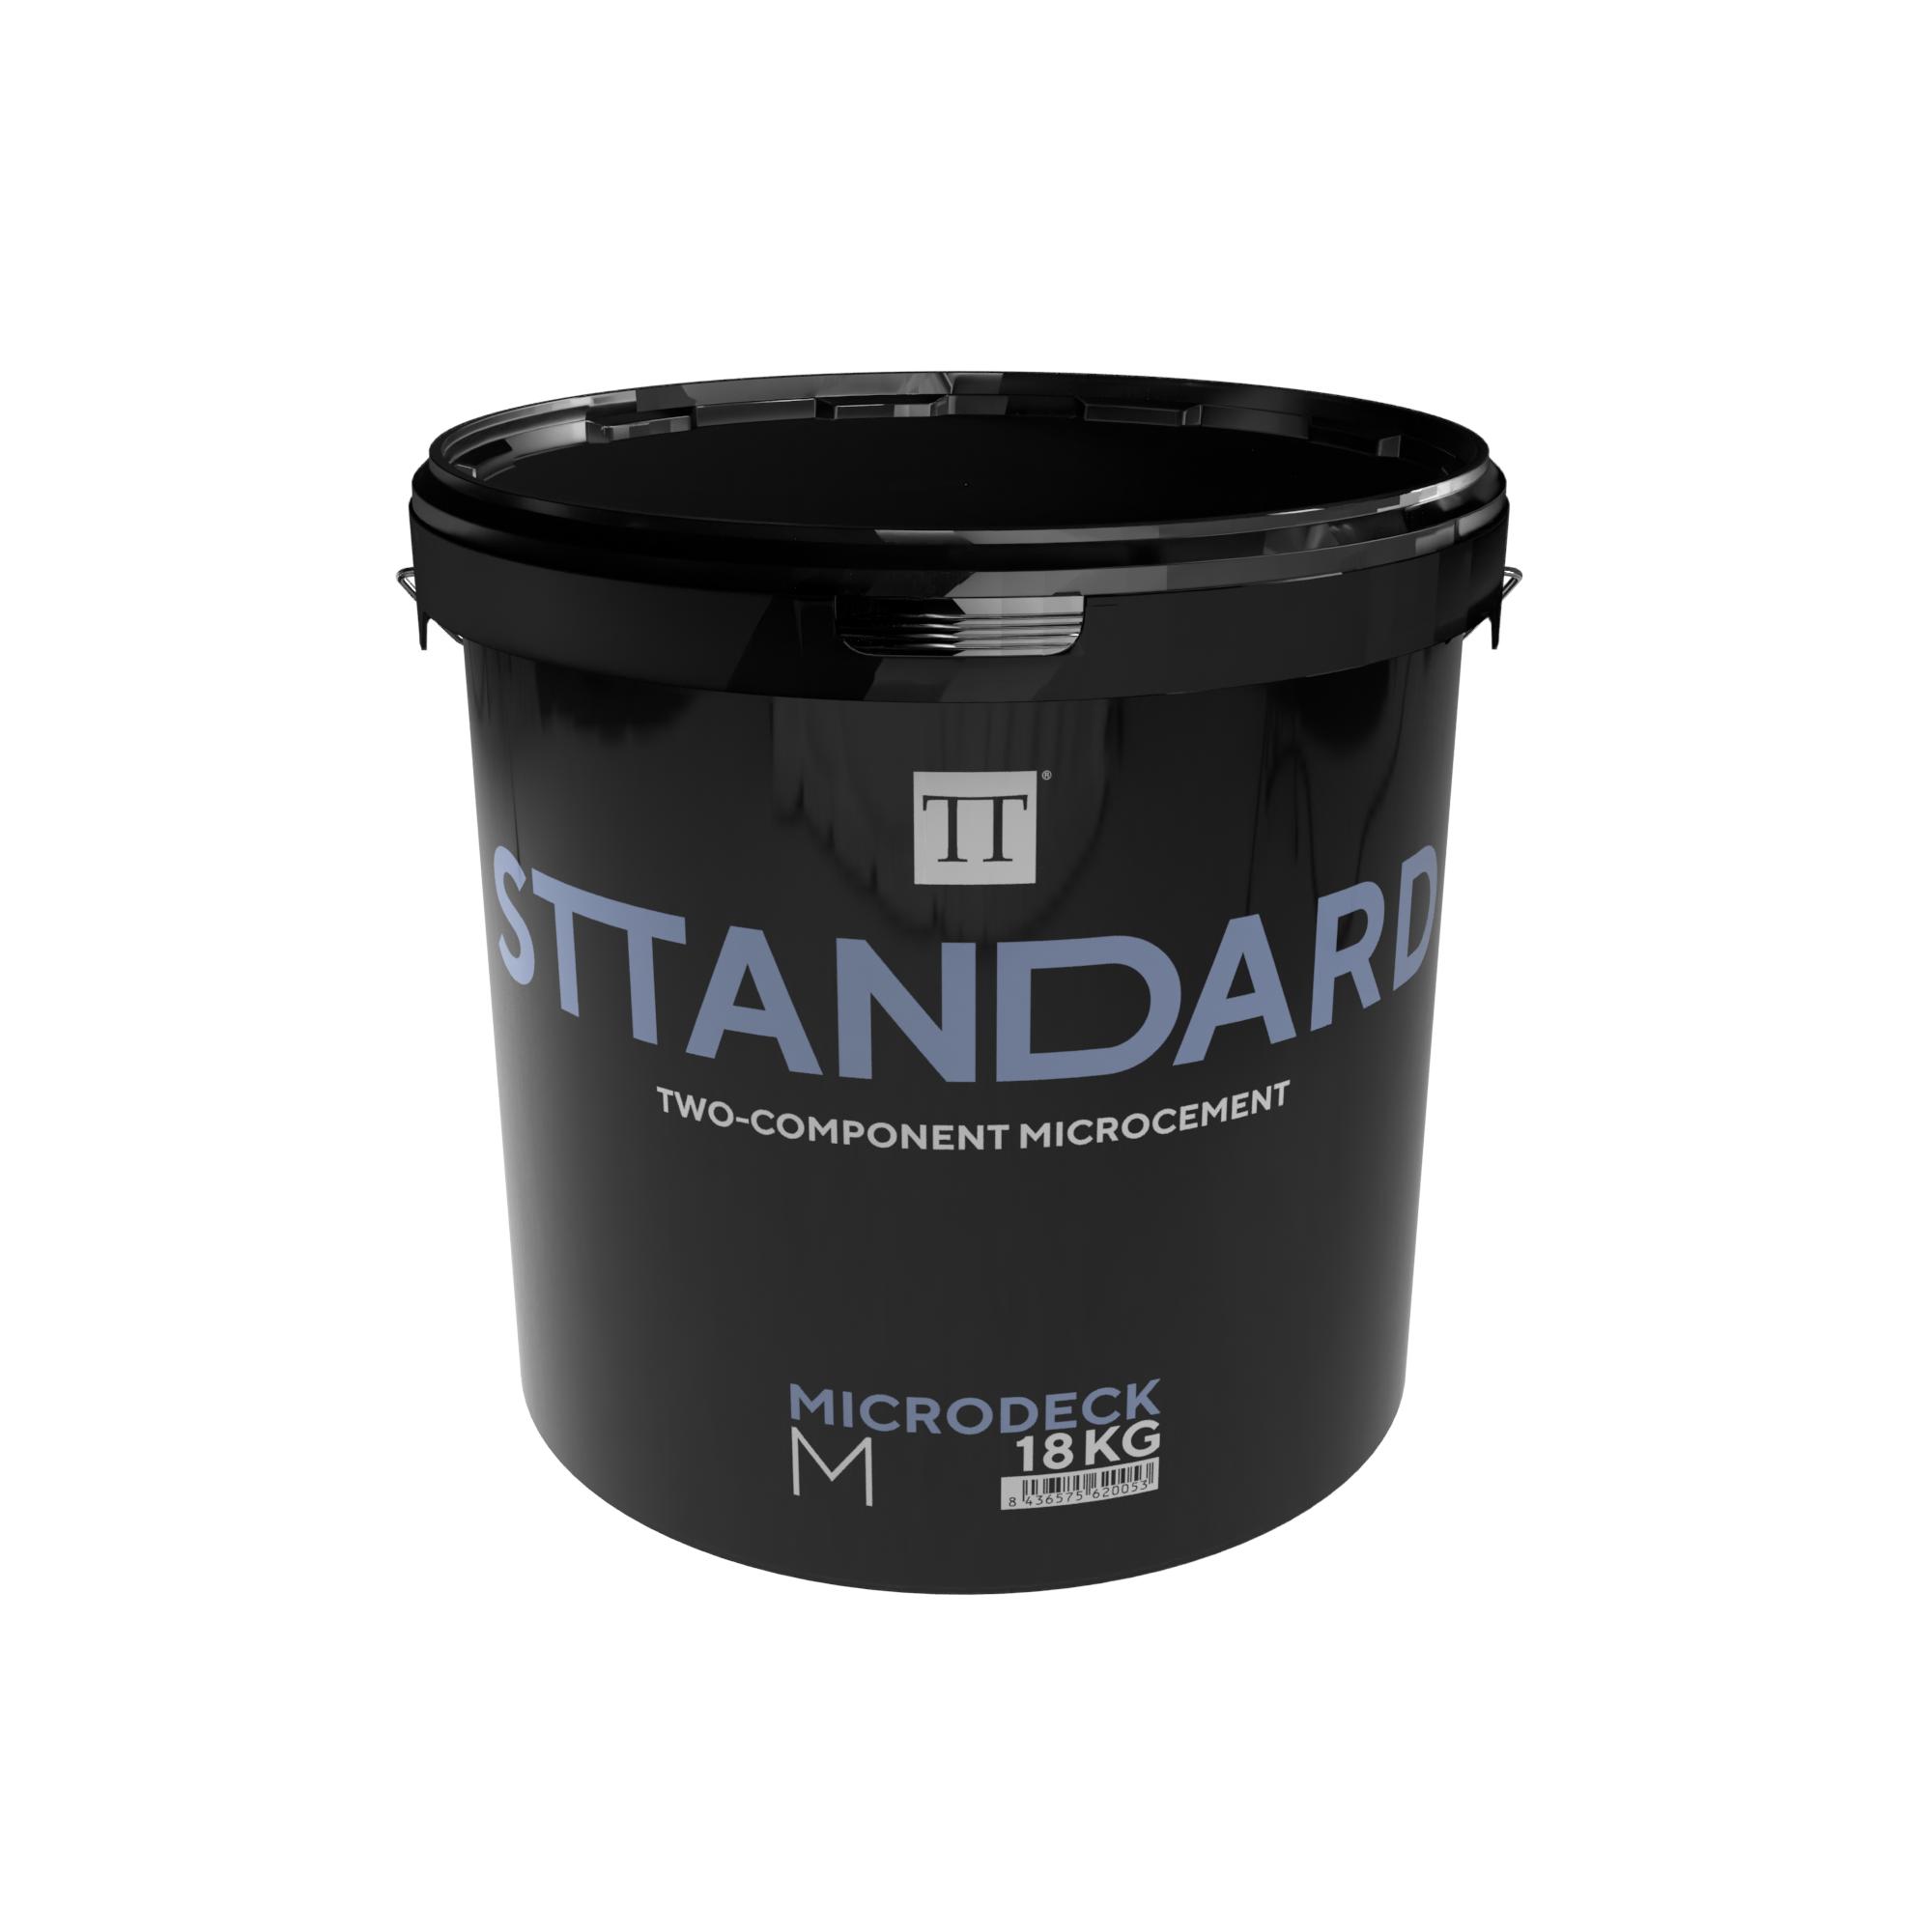 Sttandard Microdeck M